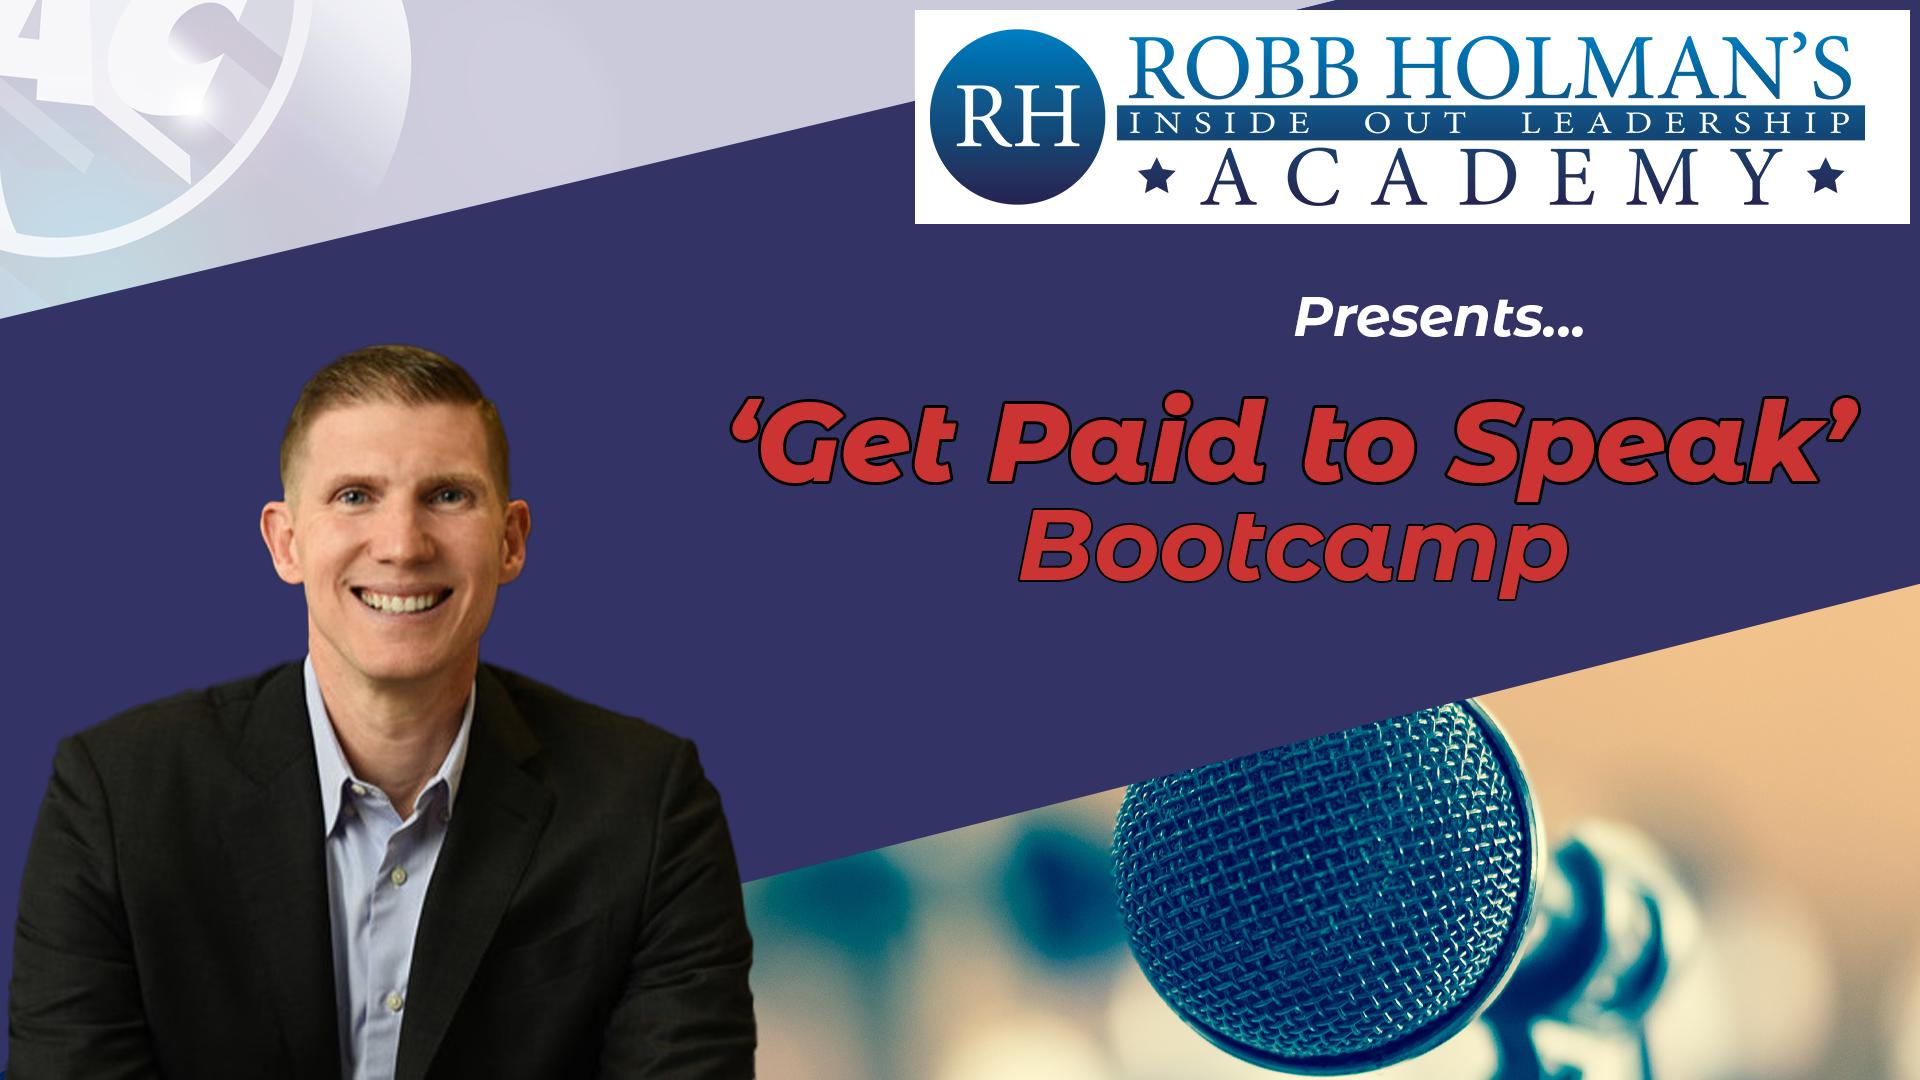 Robb Holman's Get Paid to Speak Bootcamp